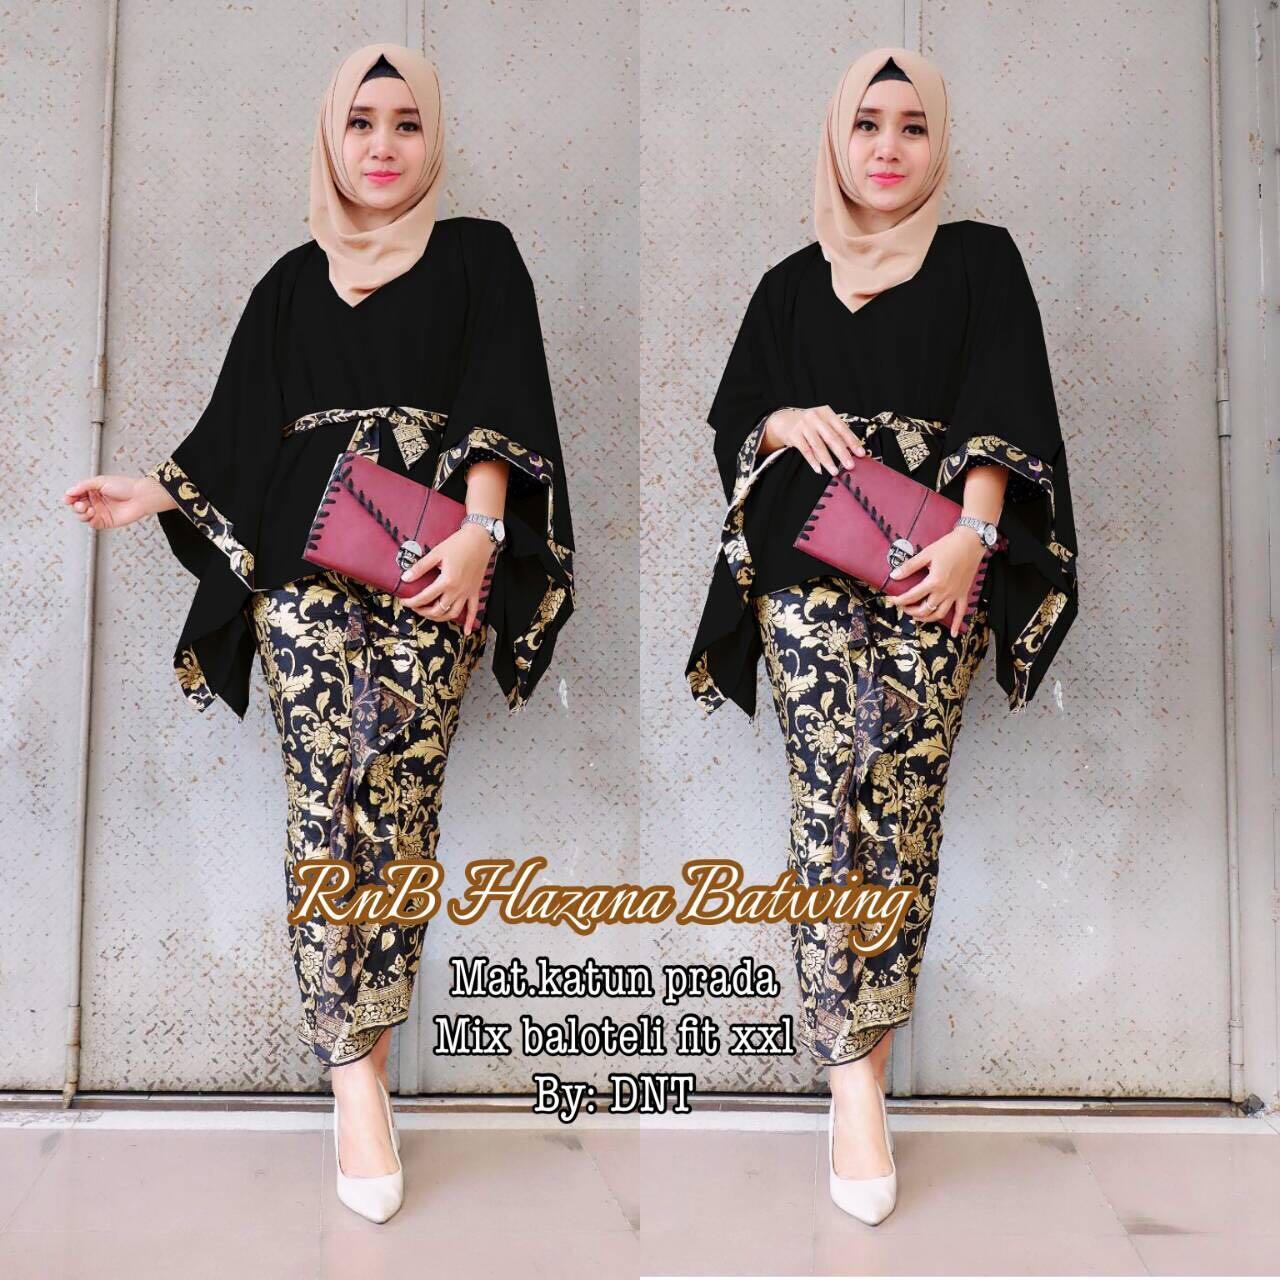 Baju Batik Terbaru 2019   Kebaya Batik   Kebaya Modern   Baju Batik   Baju  Kebaya 9b940c8038